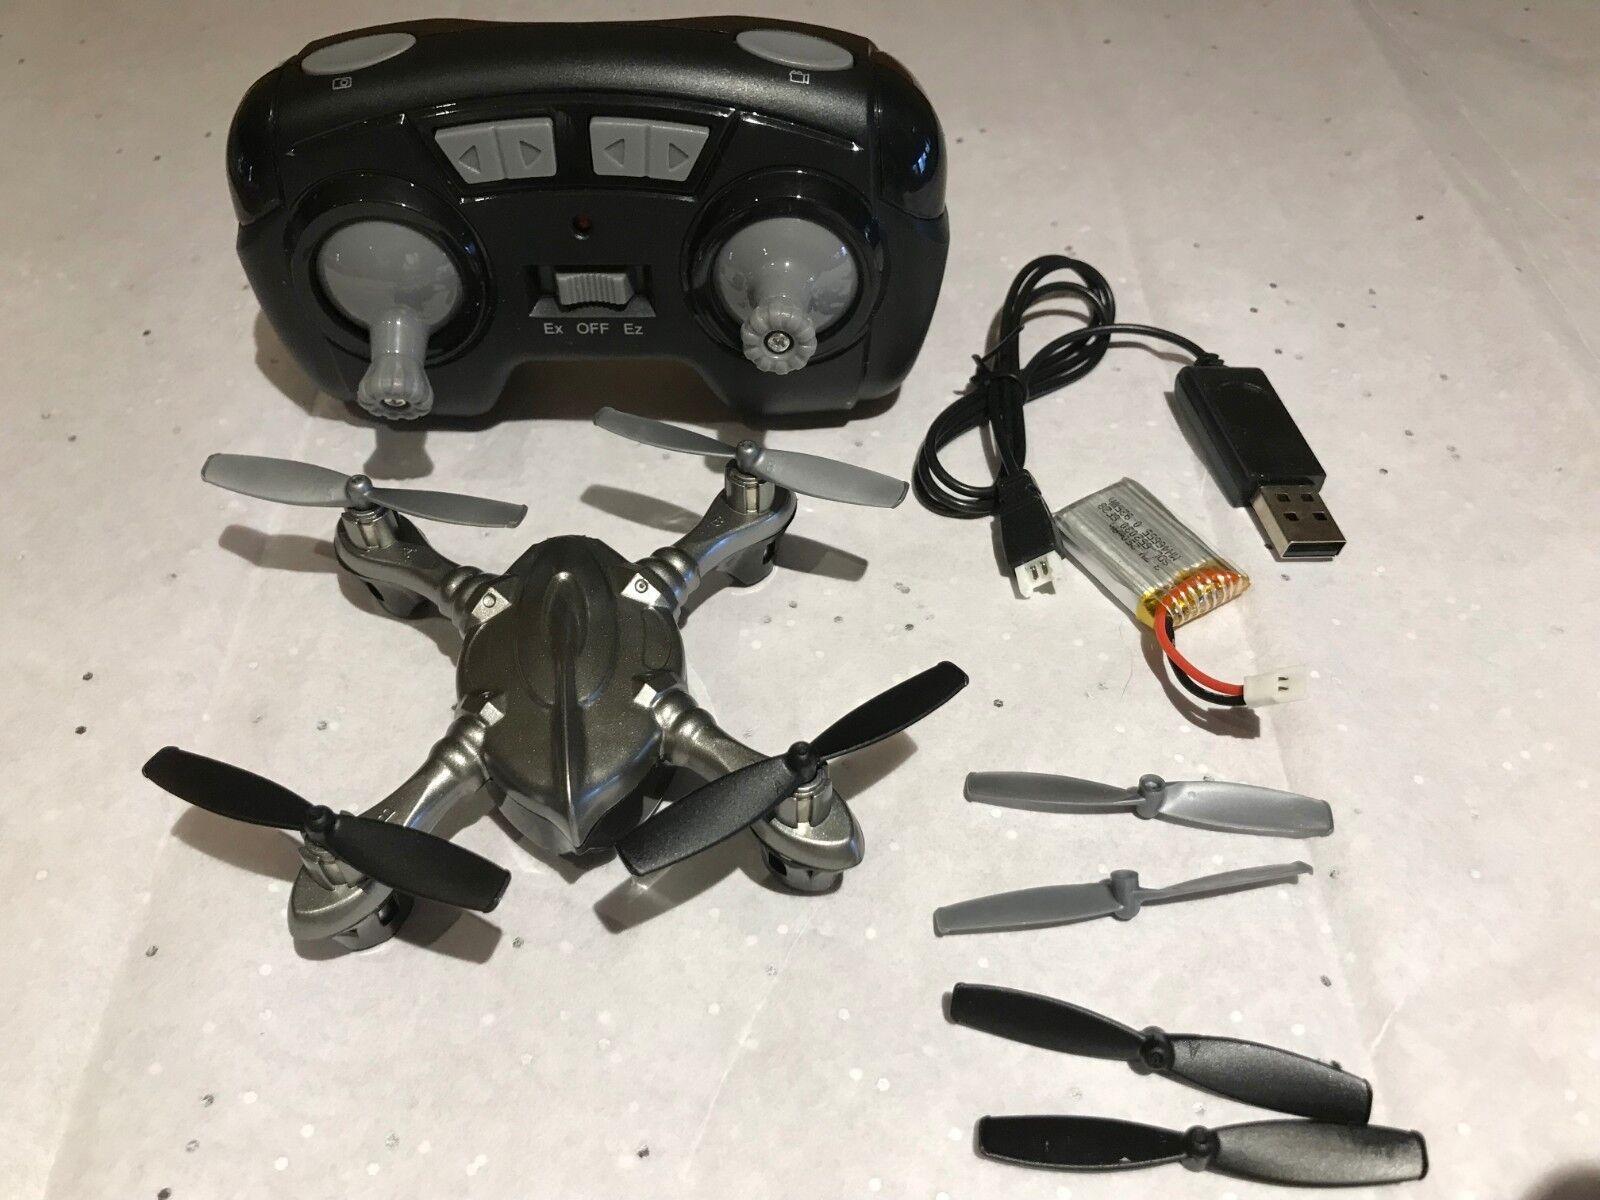 Lote de 5 Topógrafo Cámara drone Radioshack reformado-no hay devoluciones-Probado